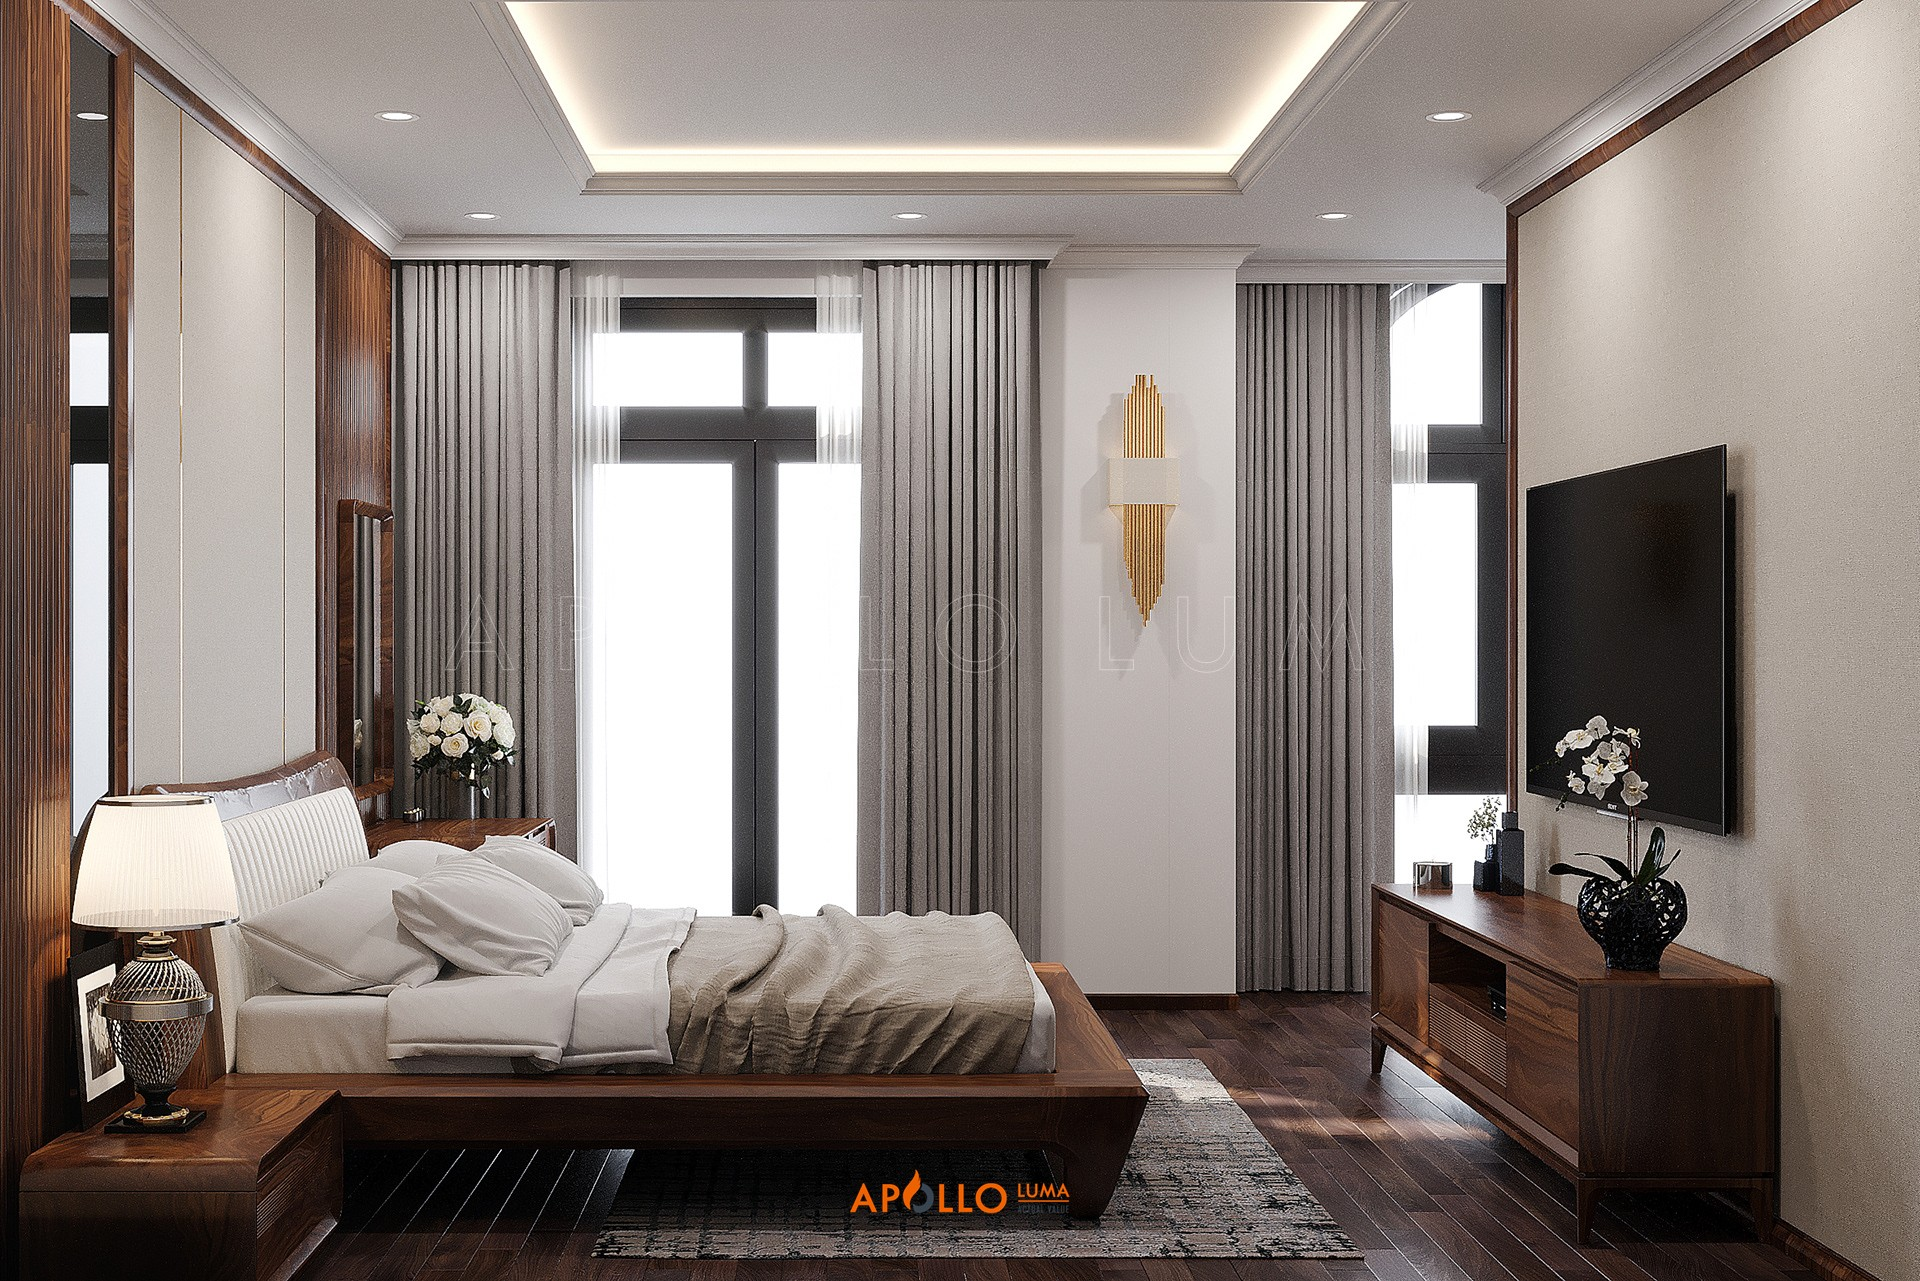 Thiết kế nội thất gỗ óc chó phòng ngủ đẹp và sang trọng